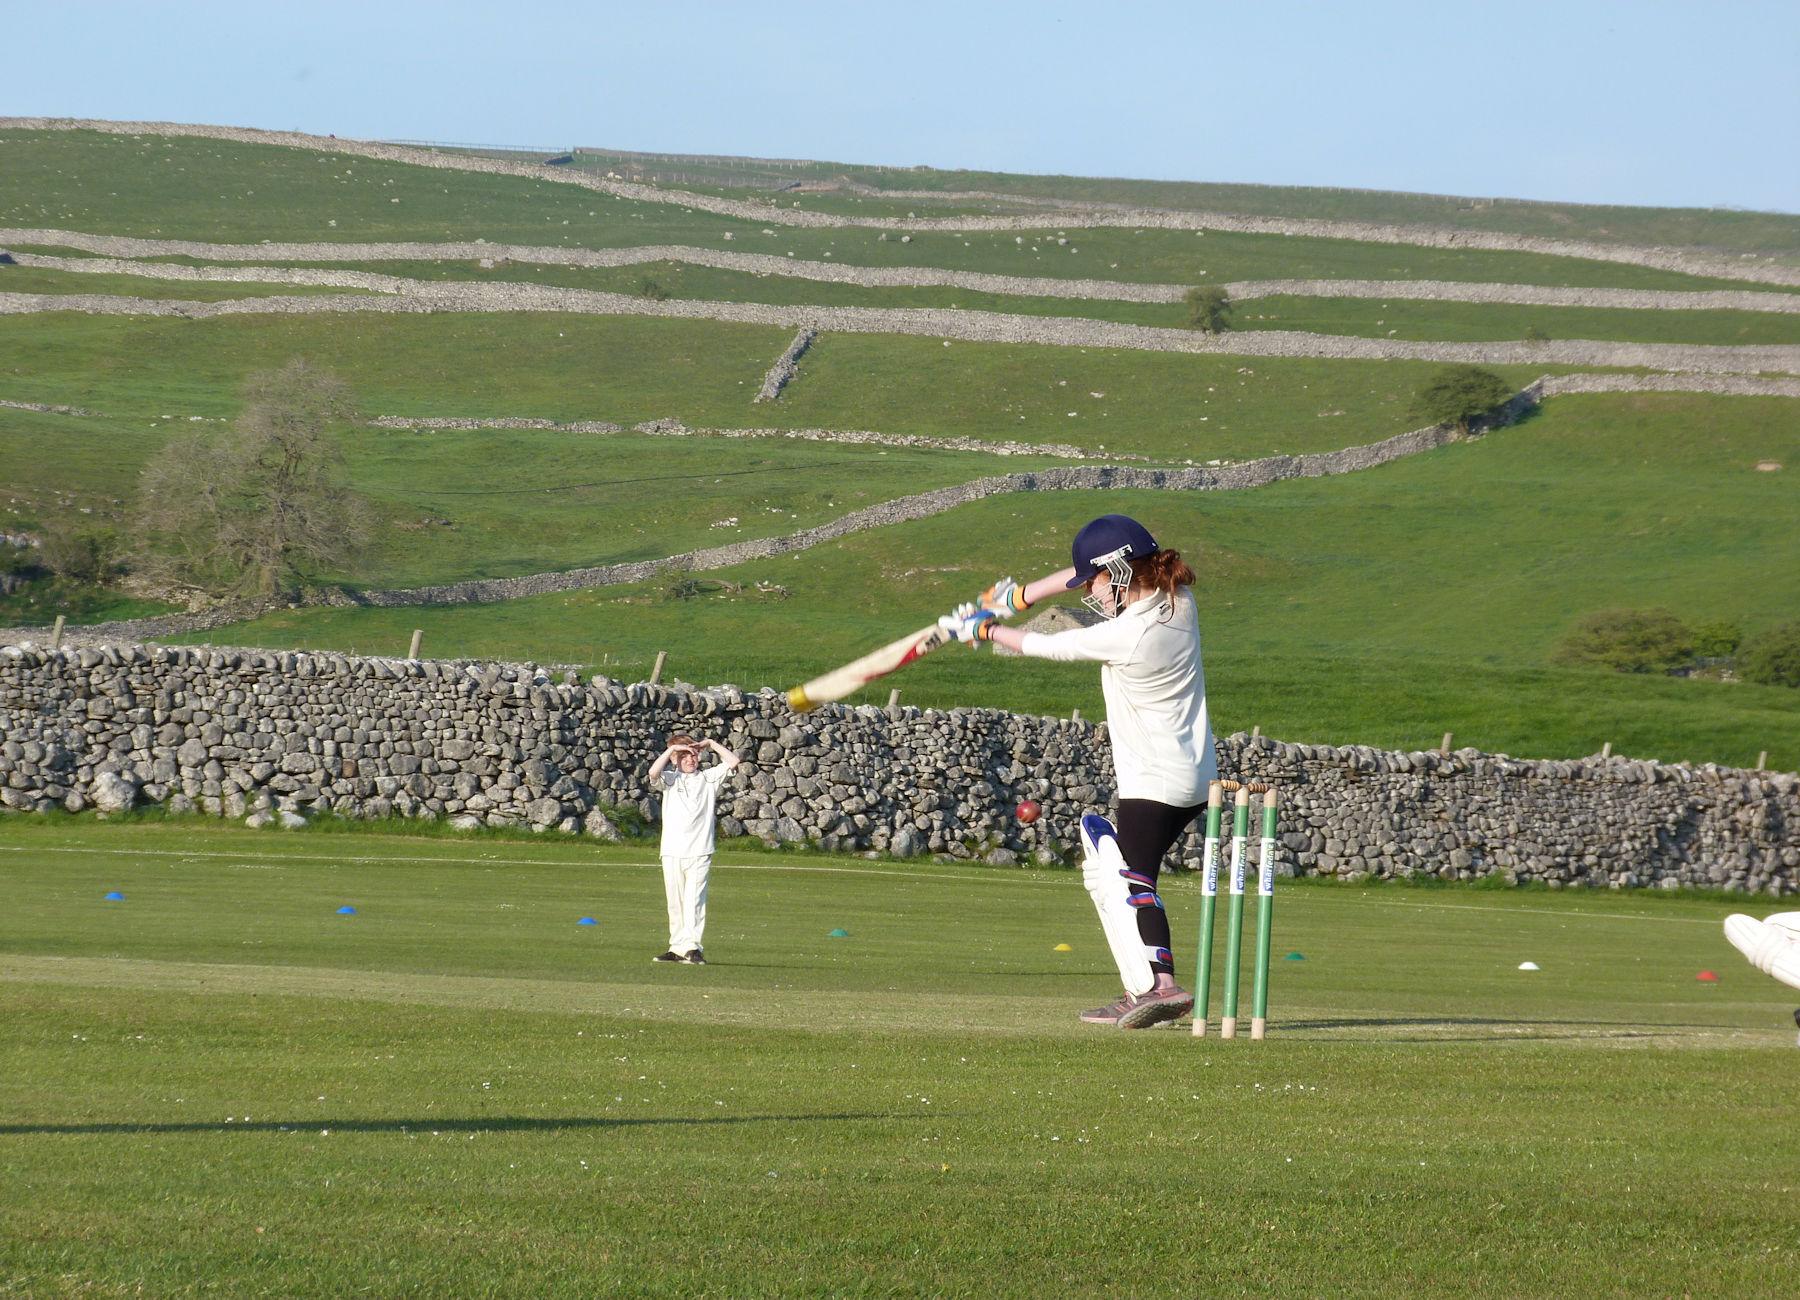 Cricket Ground